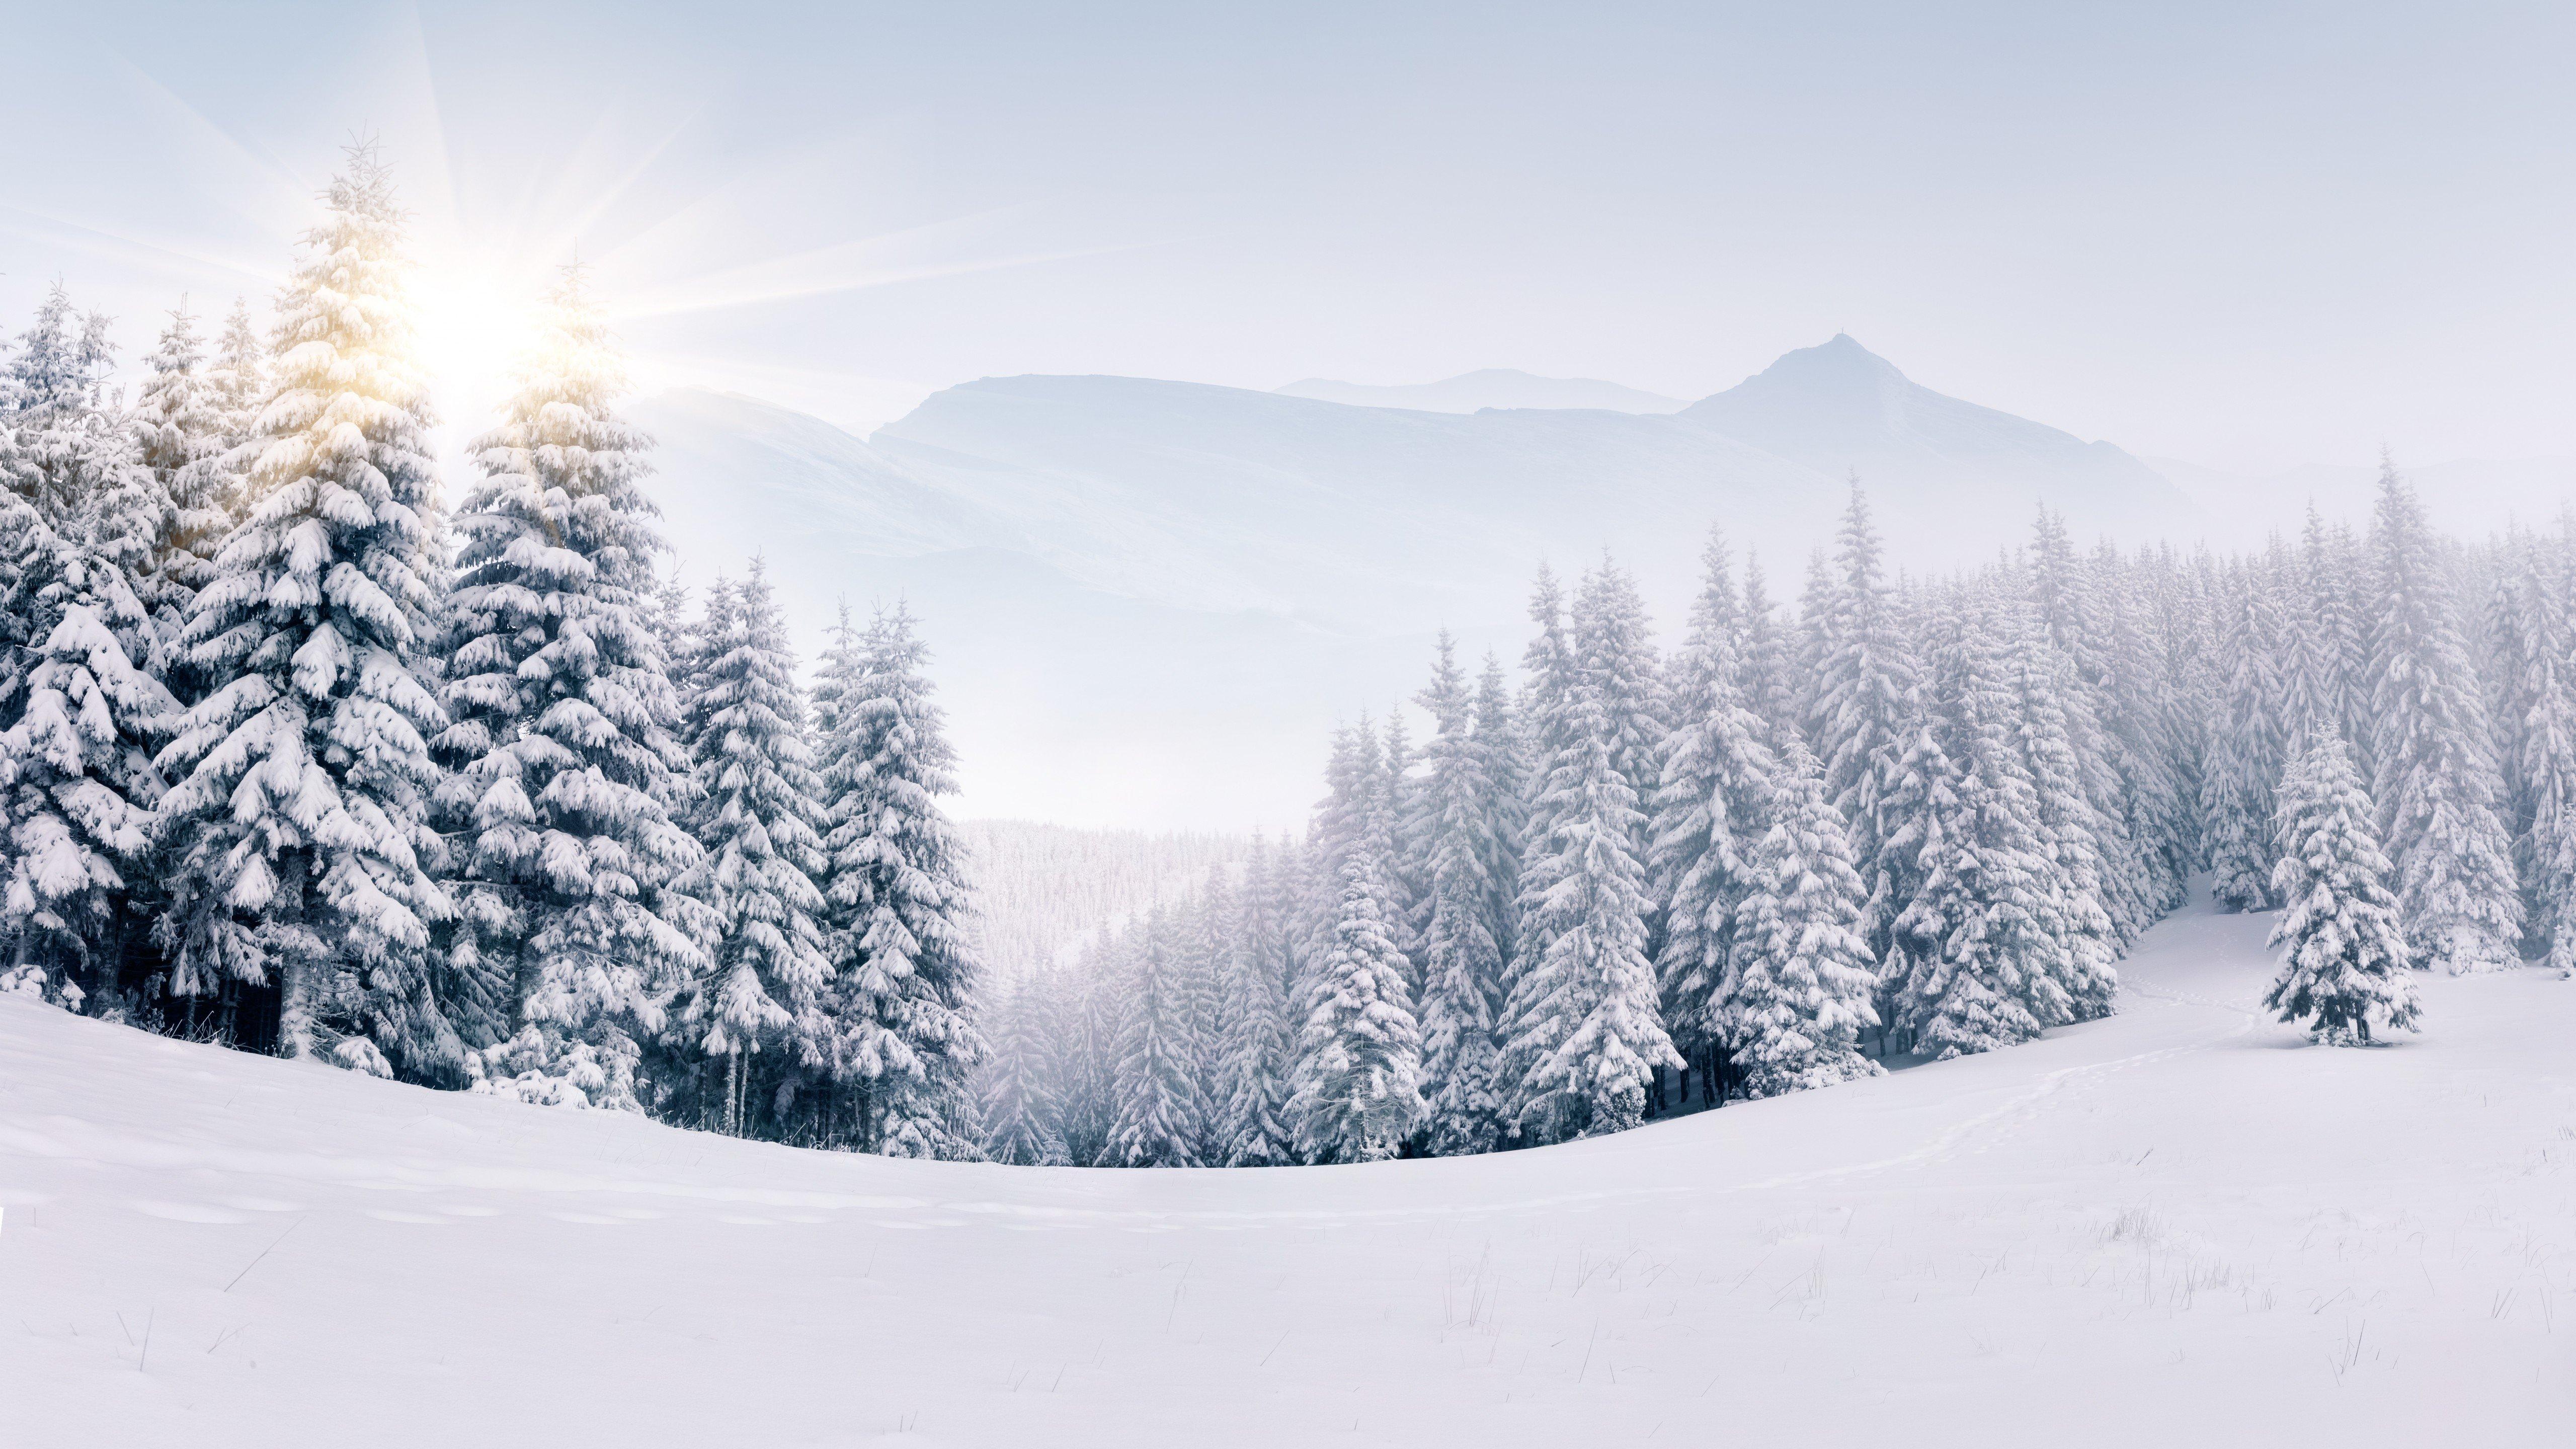 Fondos de pantalla Pinos en bosque nevado en invierno